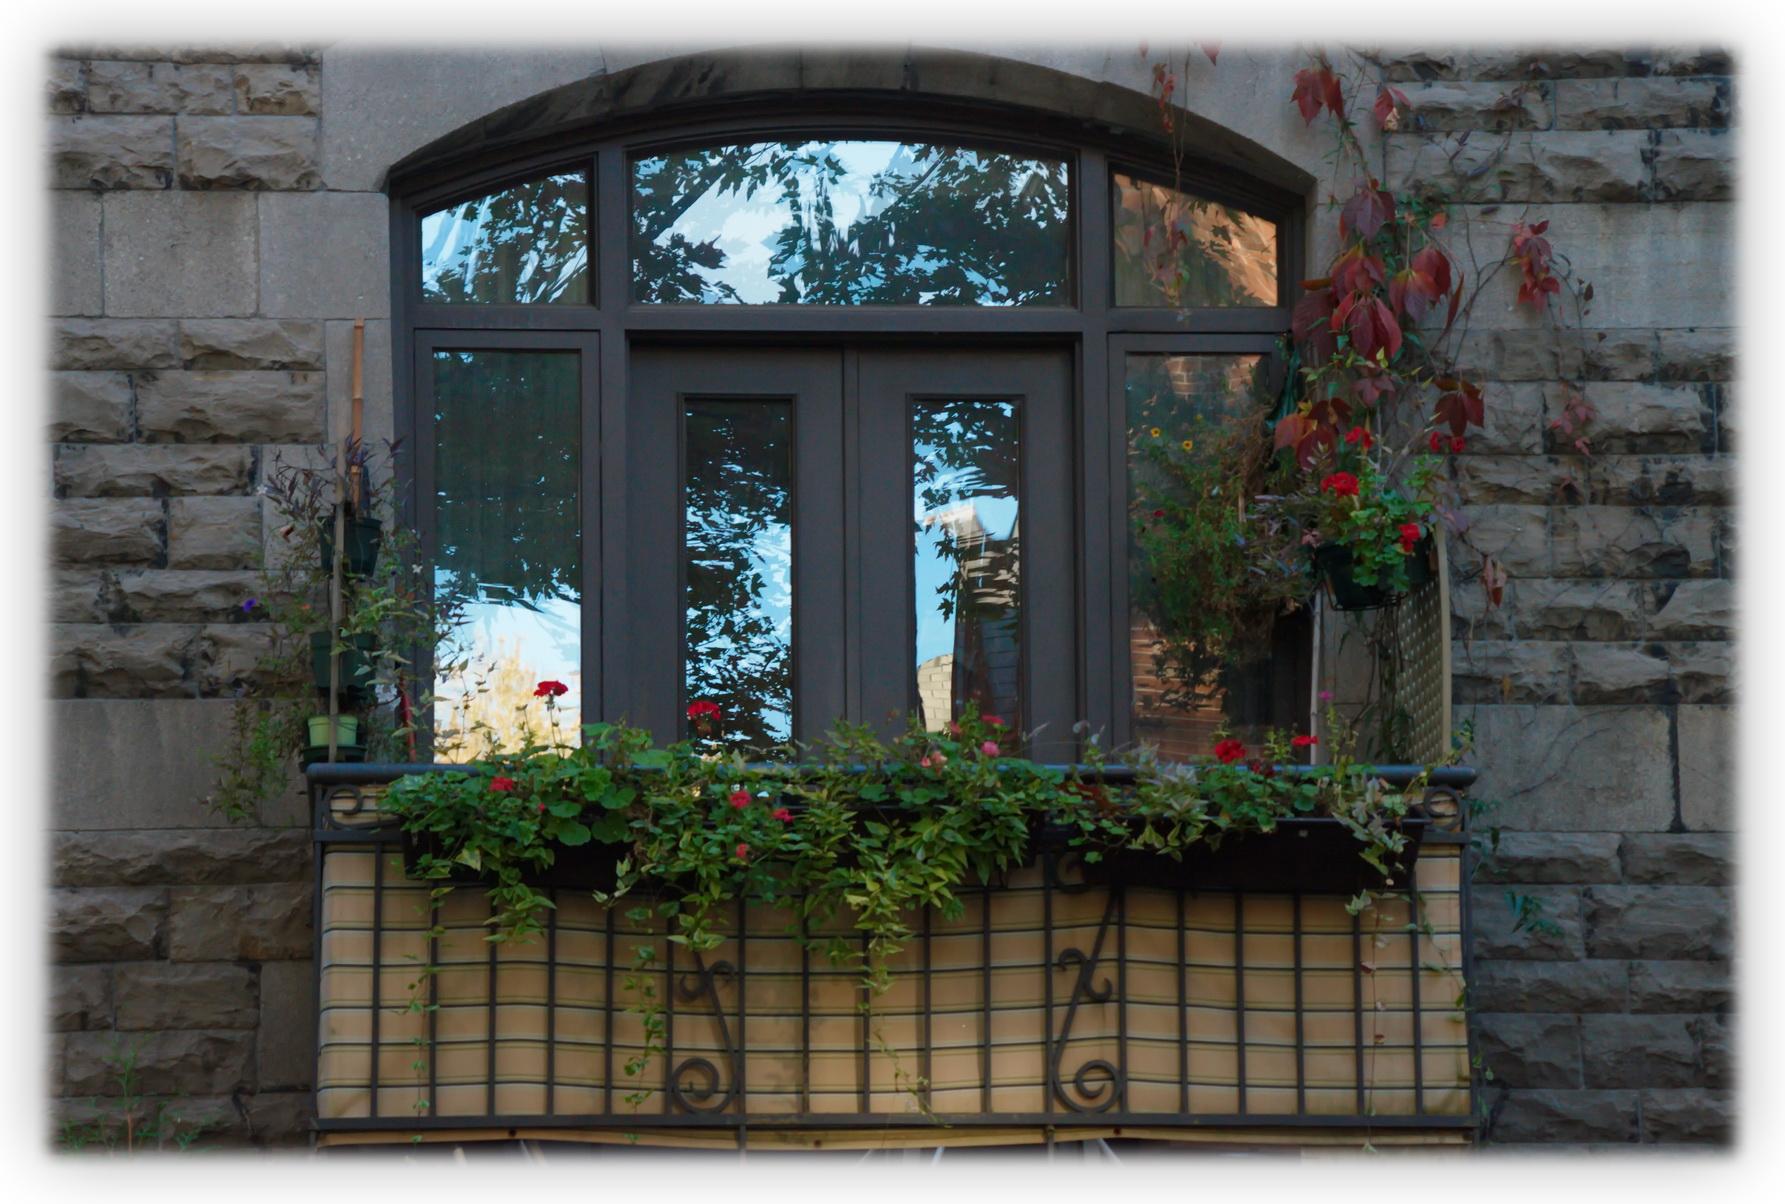 05 octobre 2012 les beaut s de montr al for Porte fenetre montreal